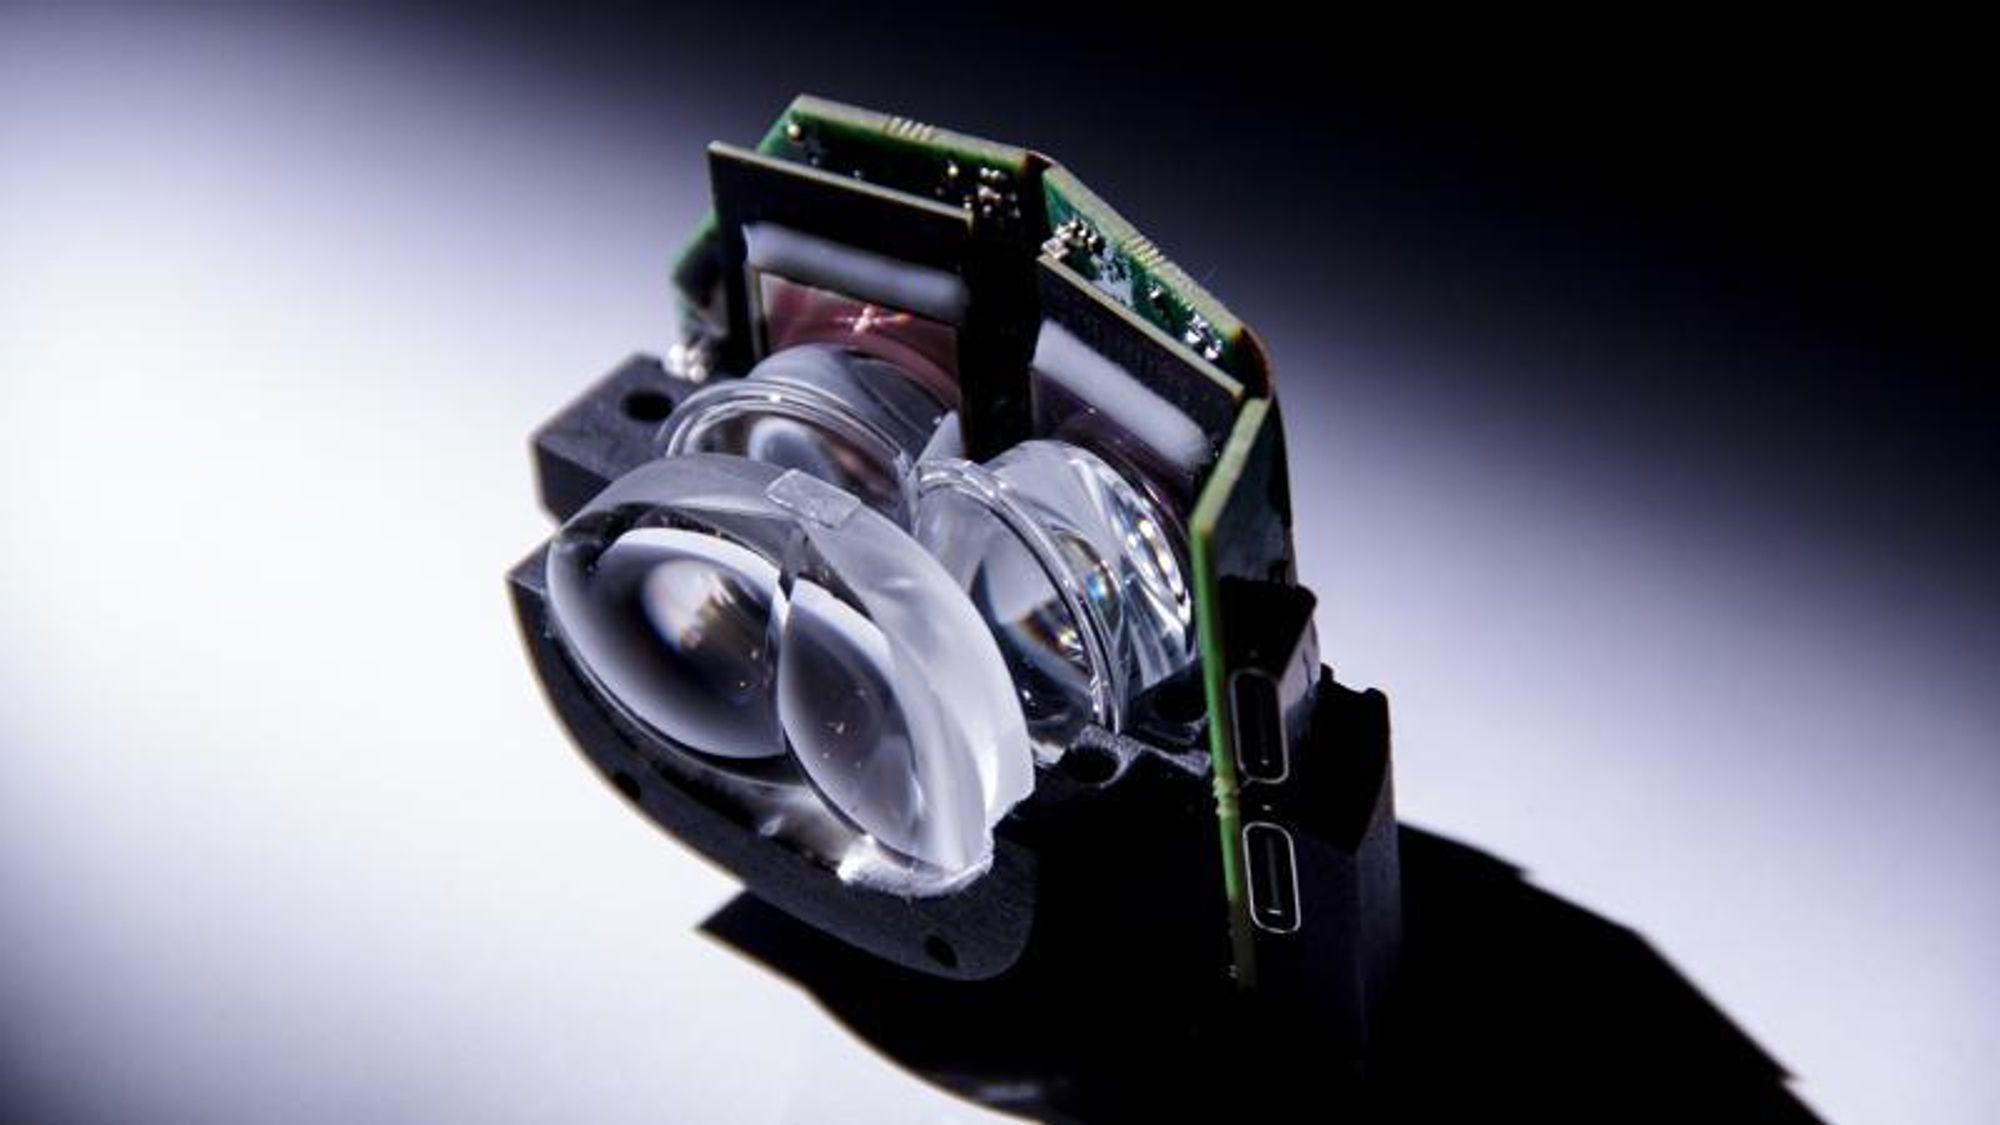 Tyske forskere mener de har funnet løsningen på VR-sjøsyke.